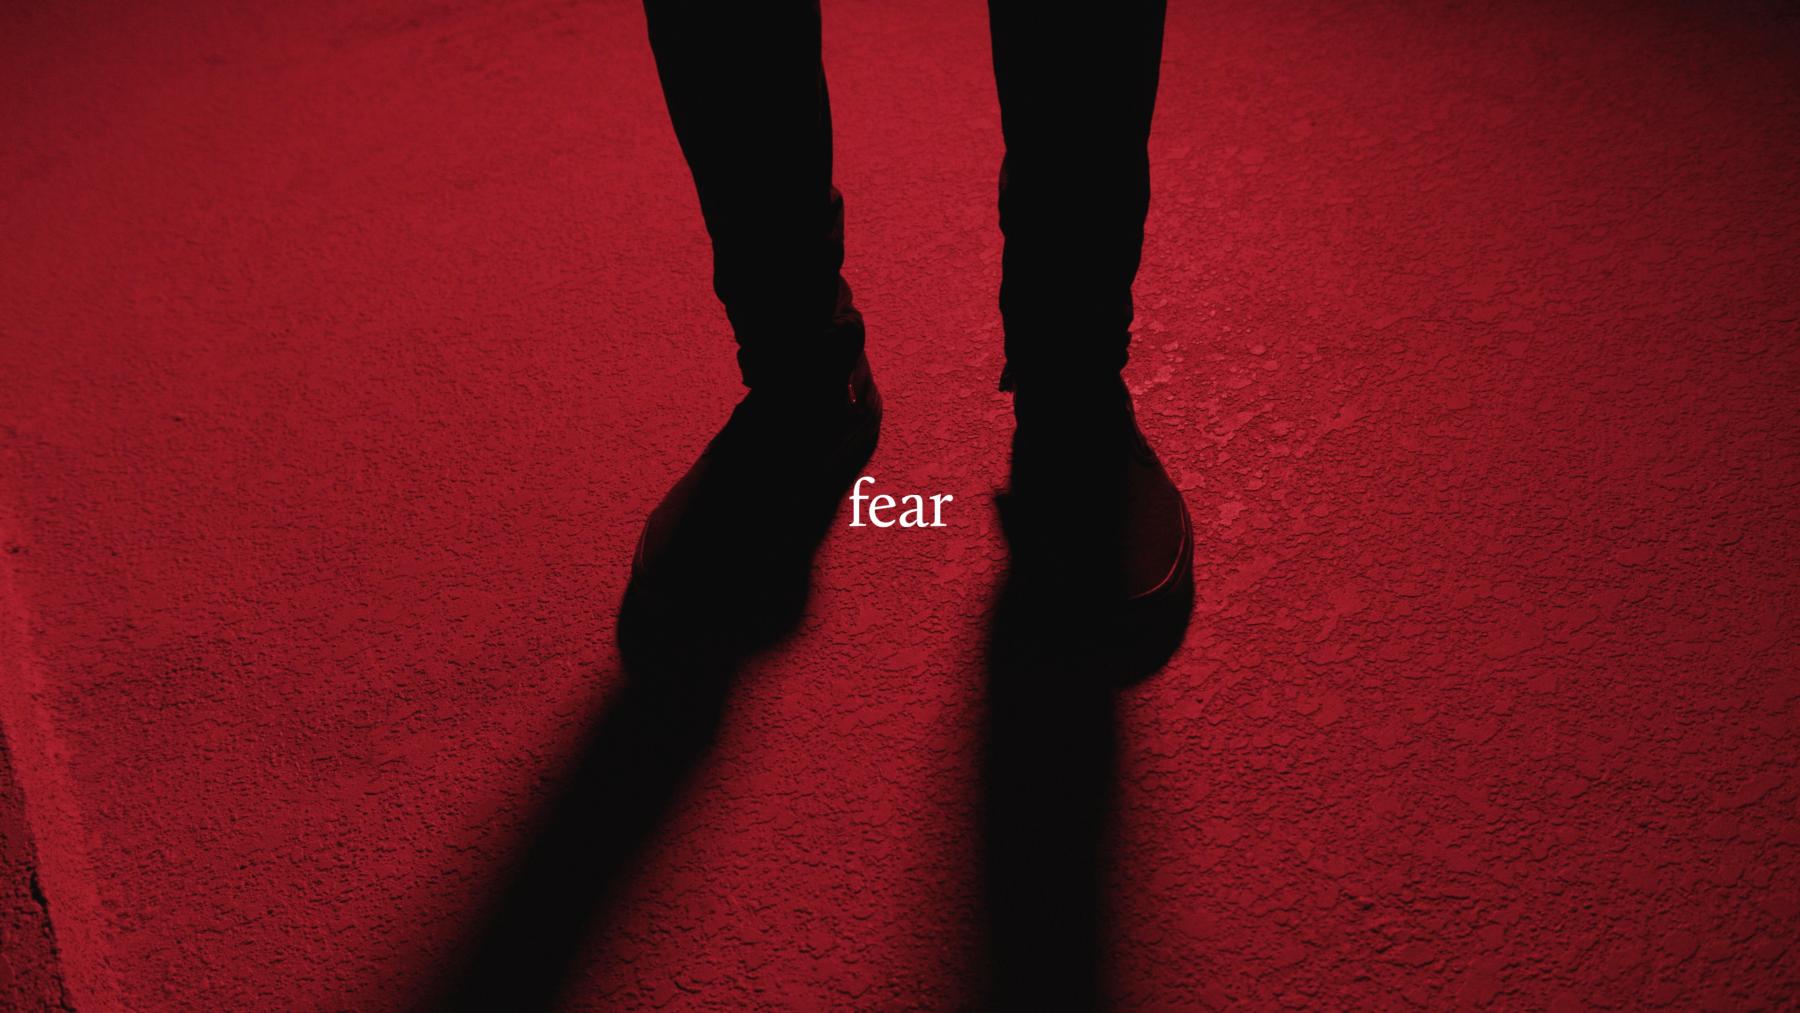 Sermon Series Ideas #11: Fear